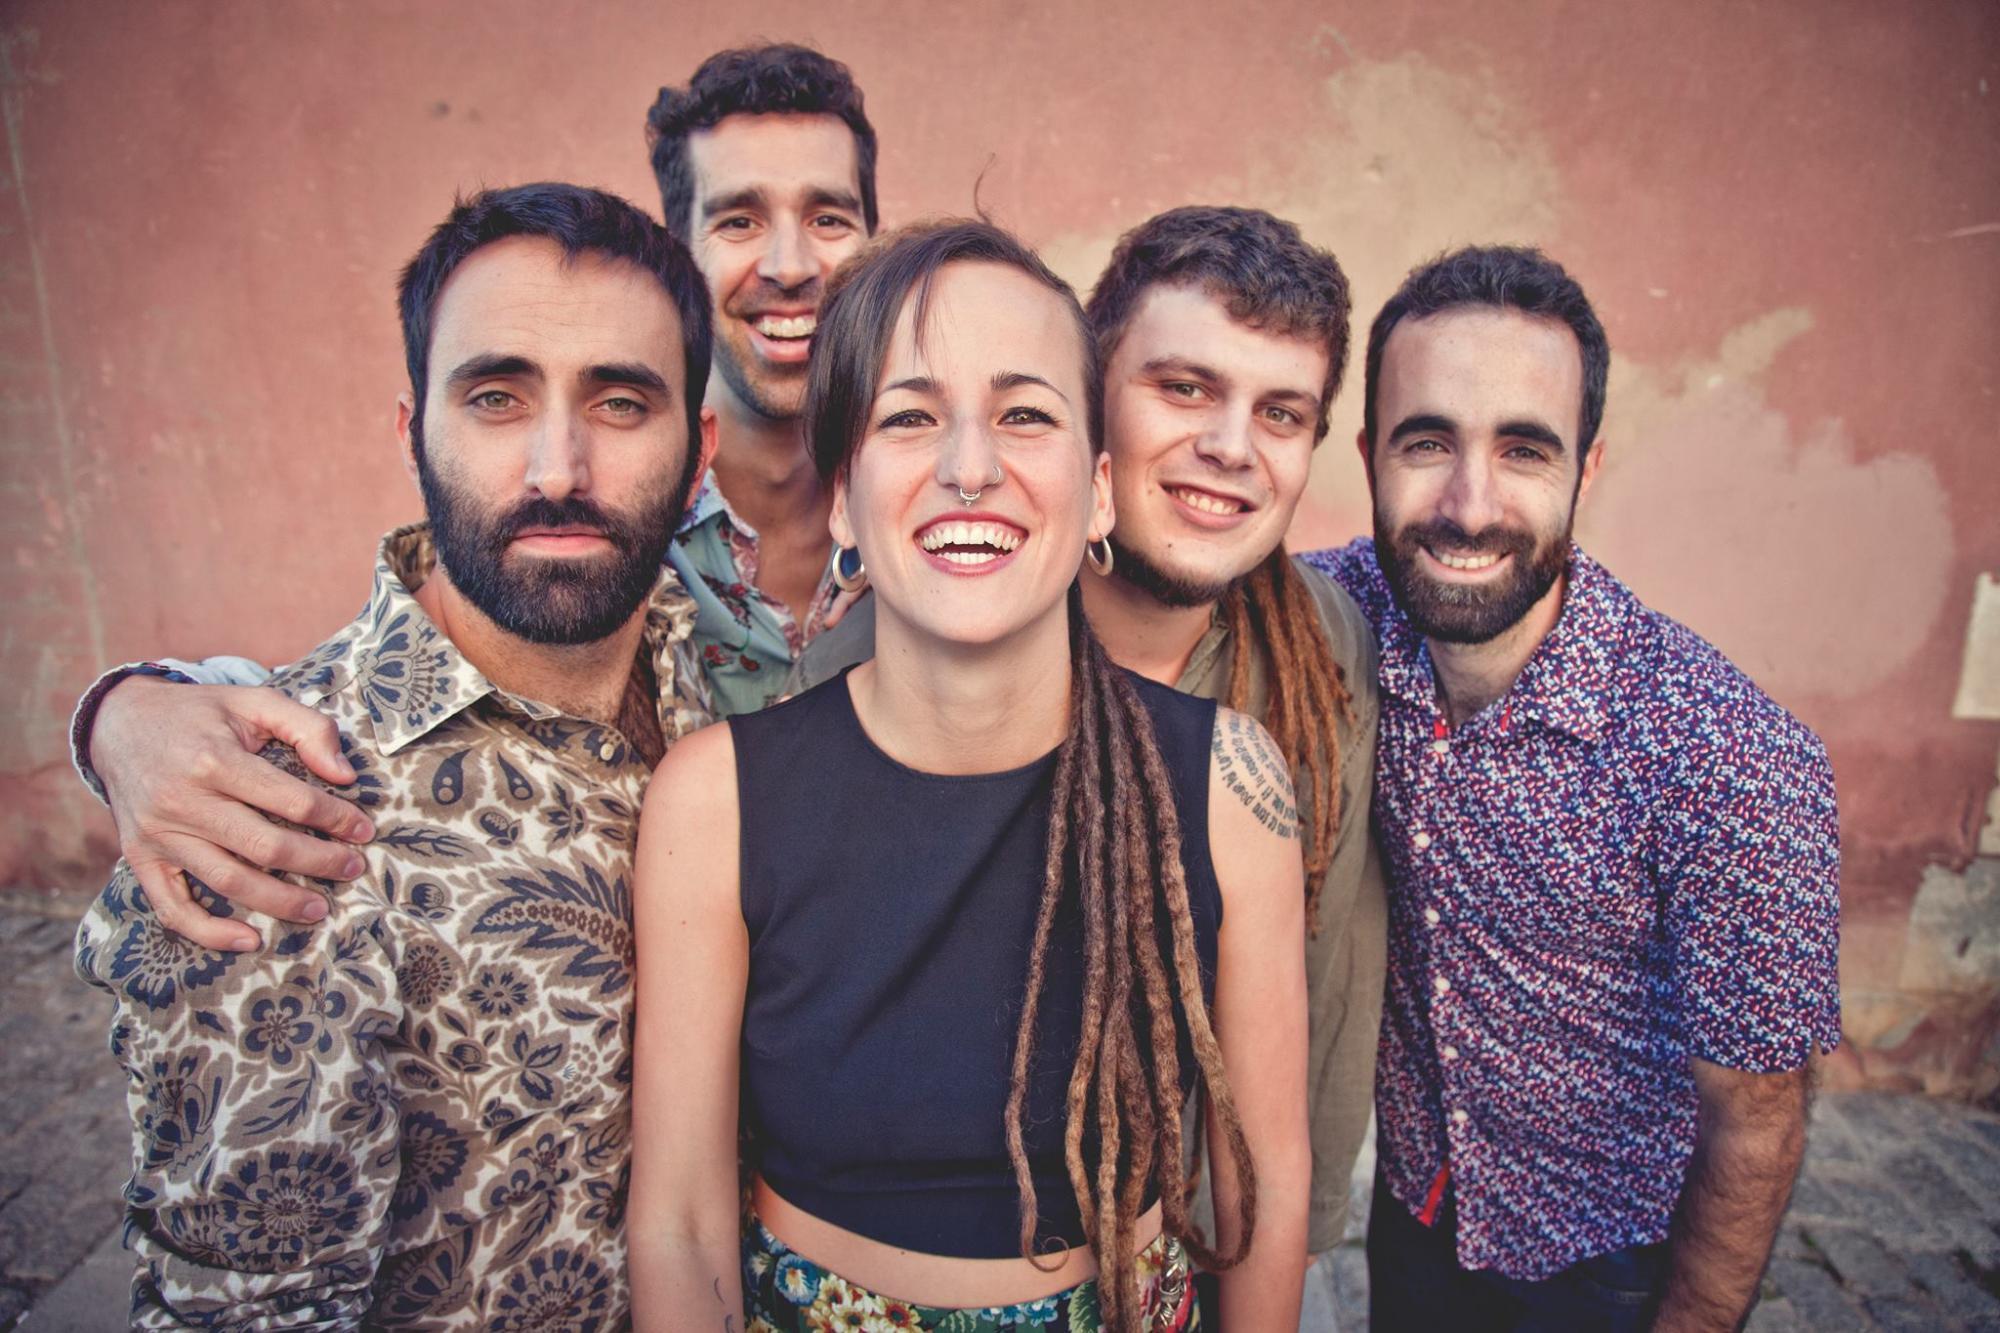 Maria Arnal i Marcel Bagés, Xarim Aresté i La Folie també seran a la tercera edició dels Festivals Alta Segarra